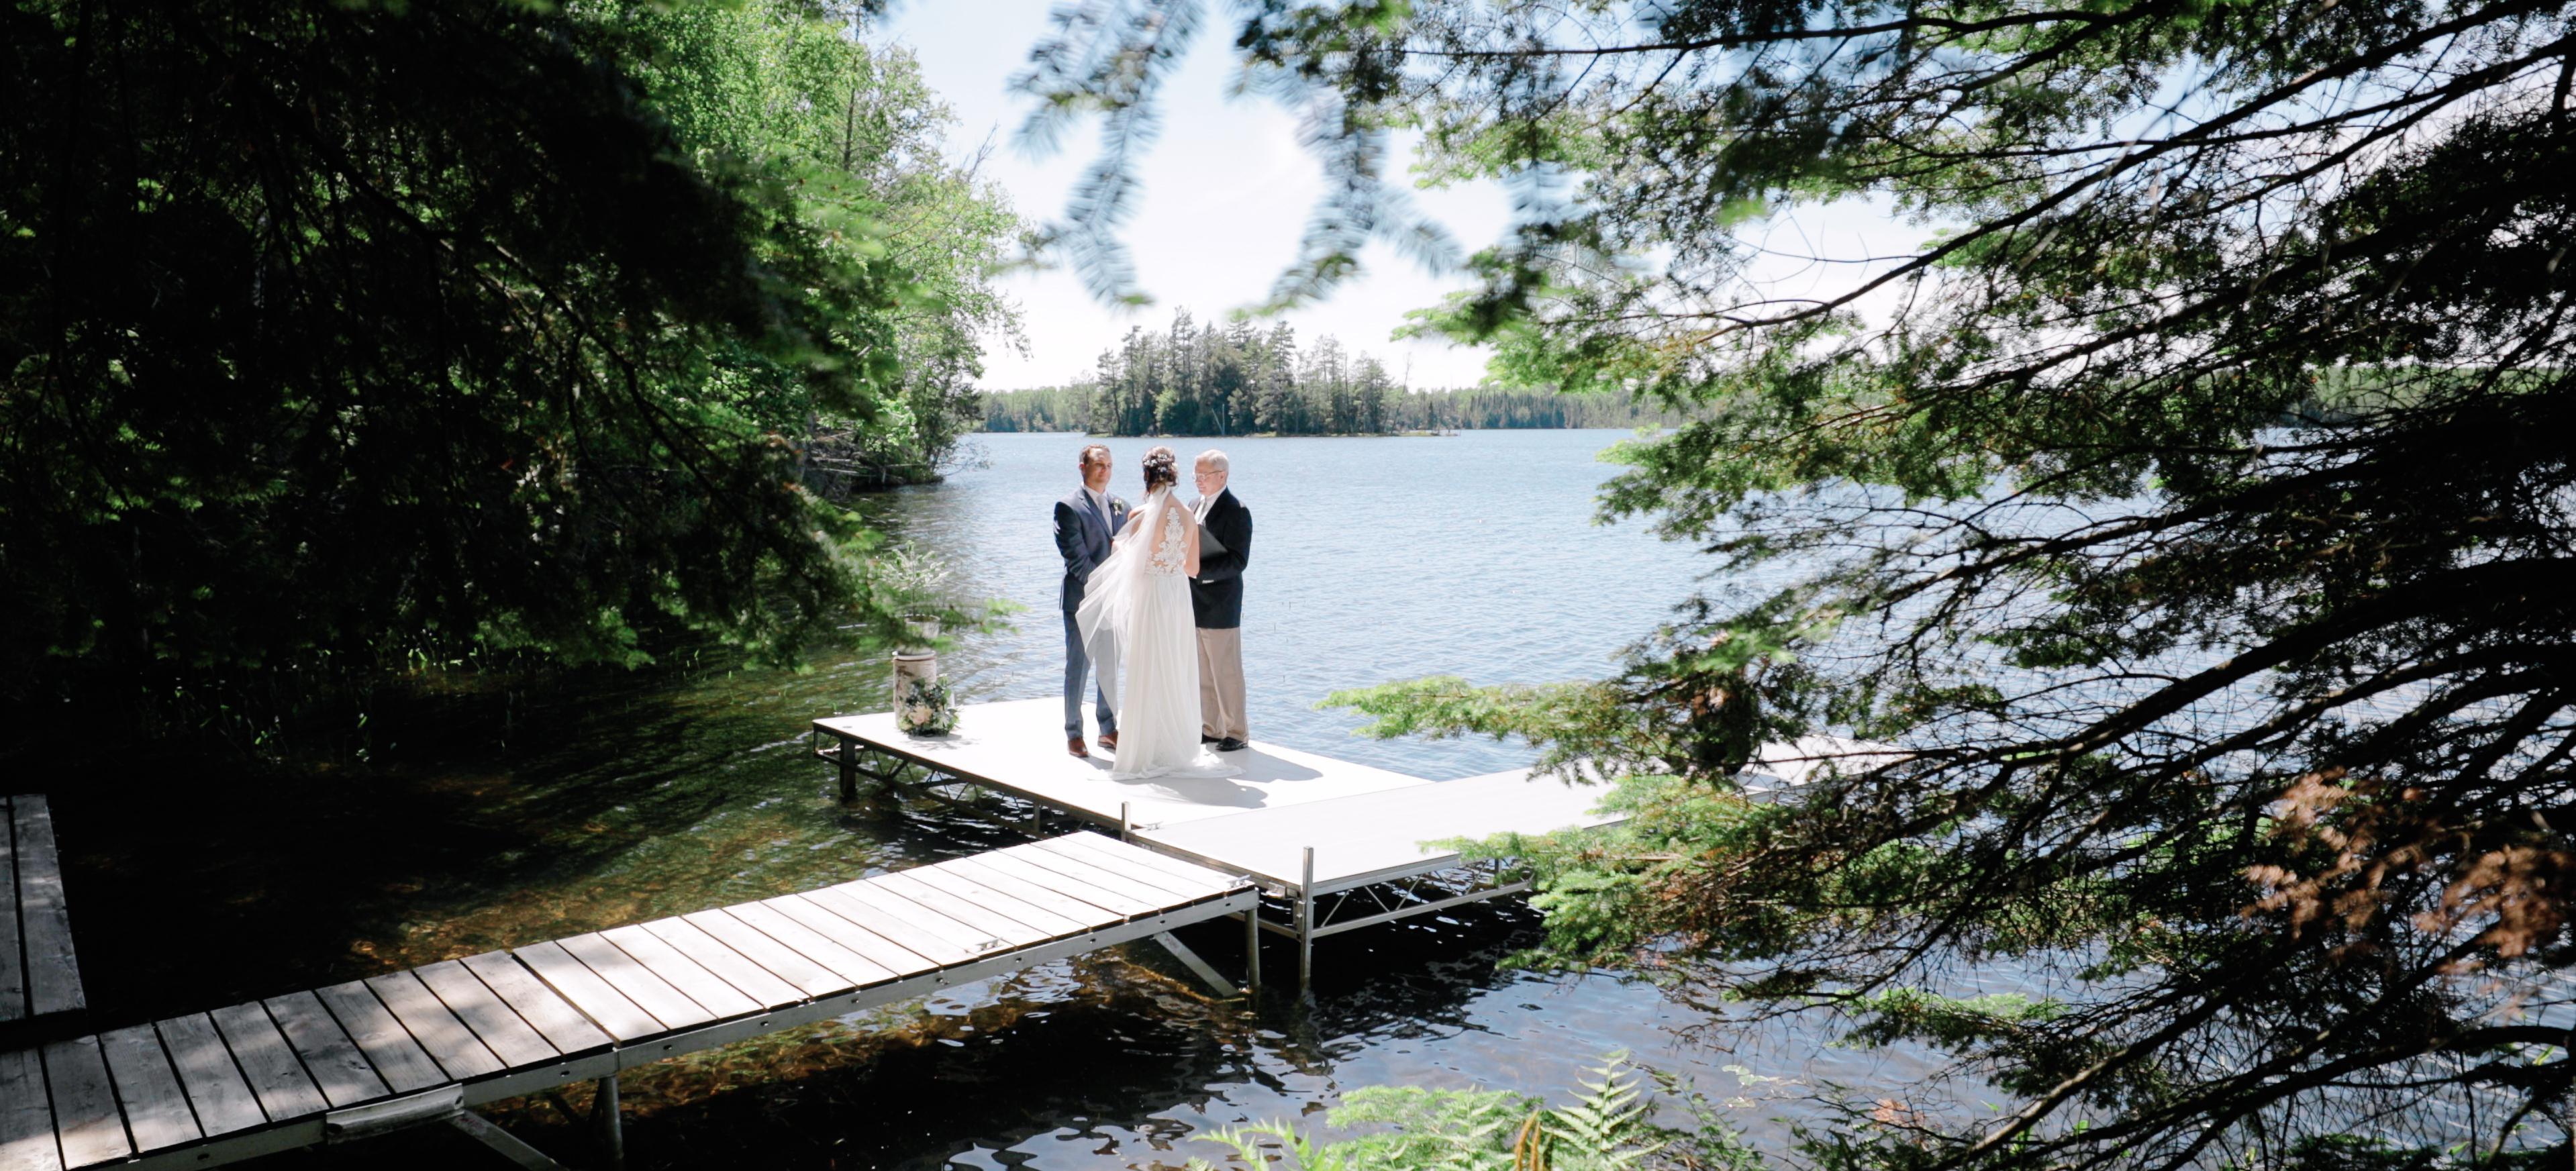 Niki + David | Clam Lake, Wisconsin | Family Cabin